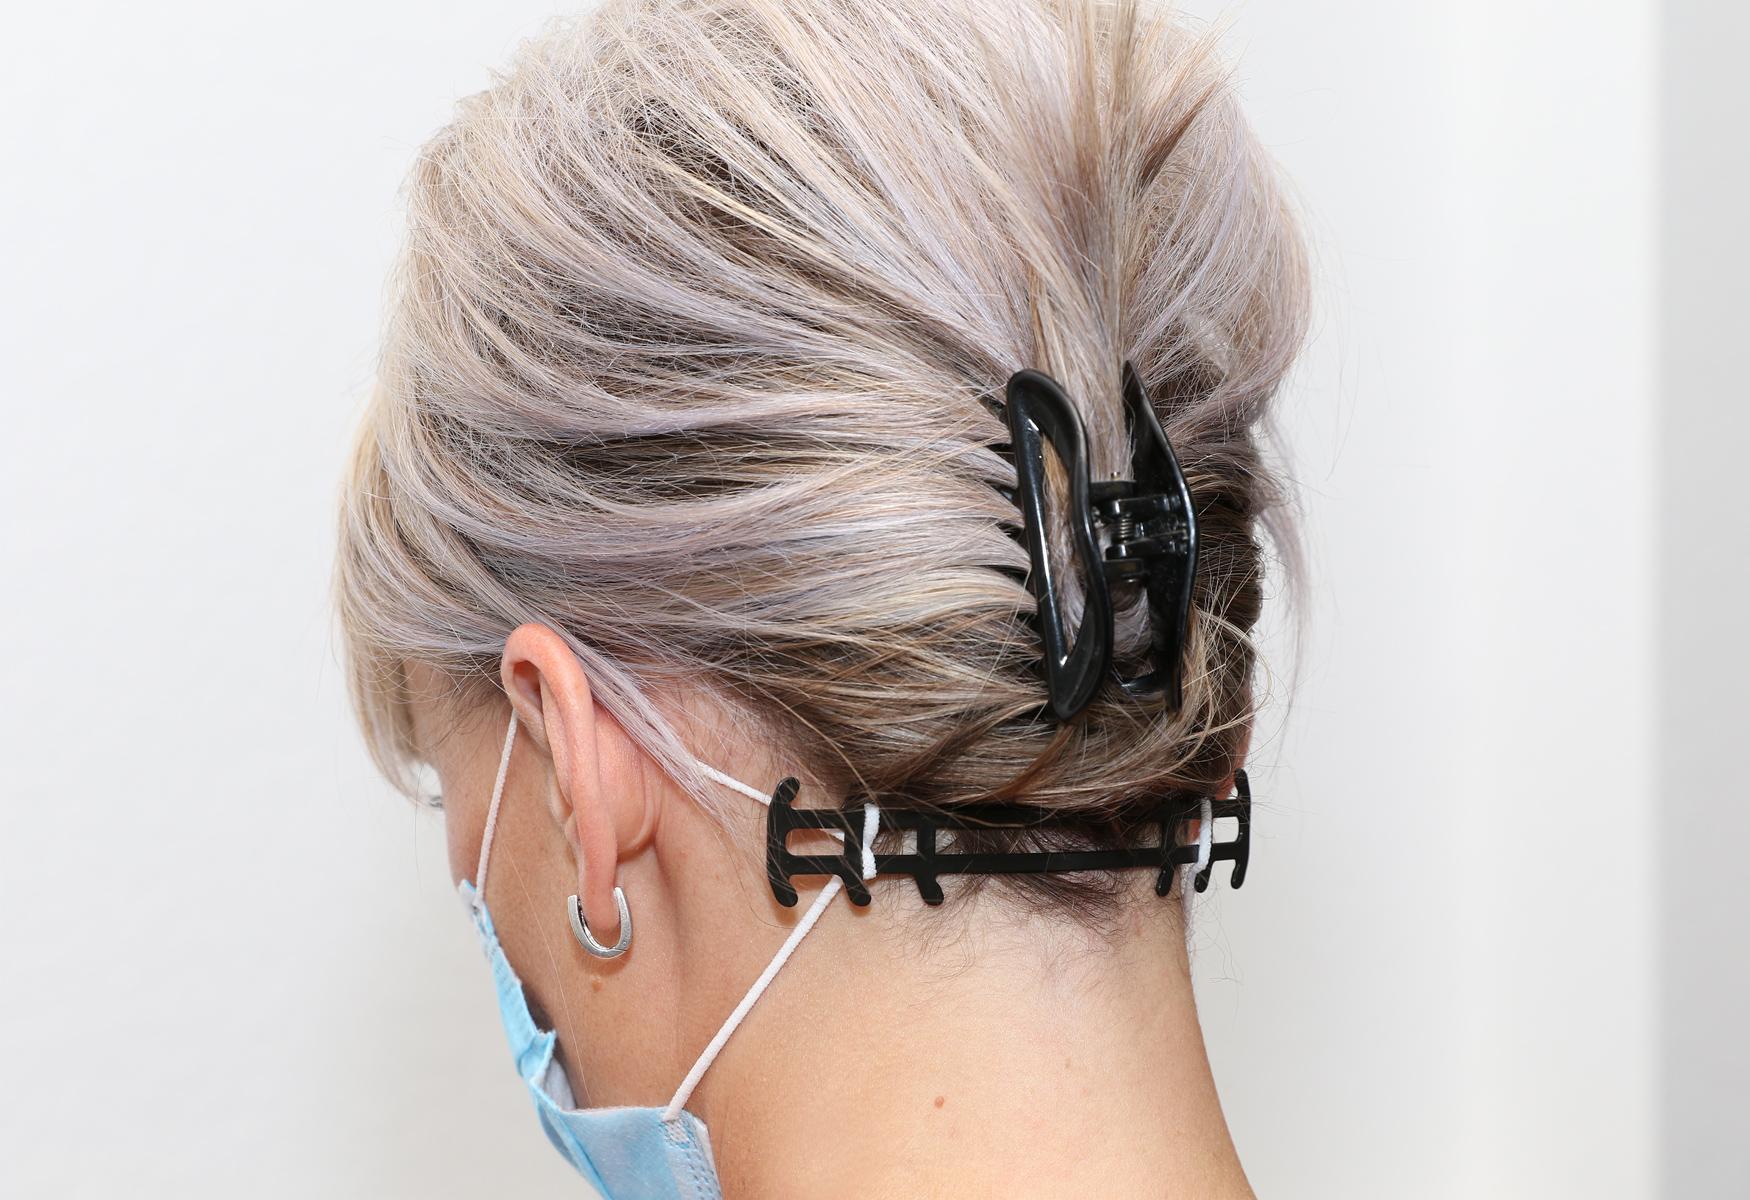 Ohrenschutz für Alltagsmasken